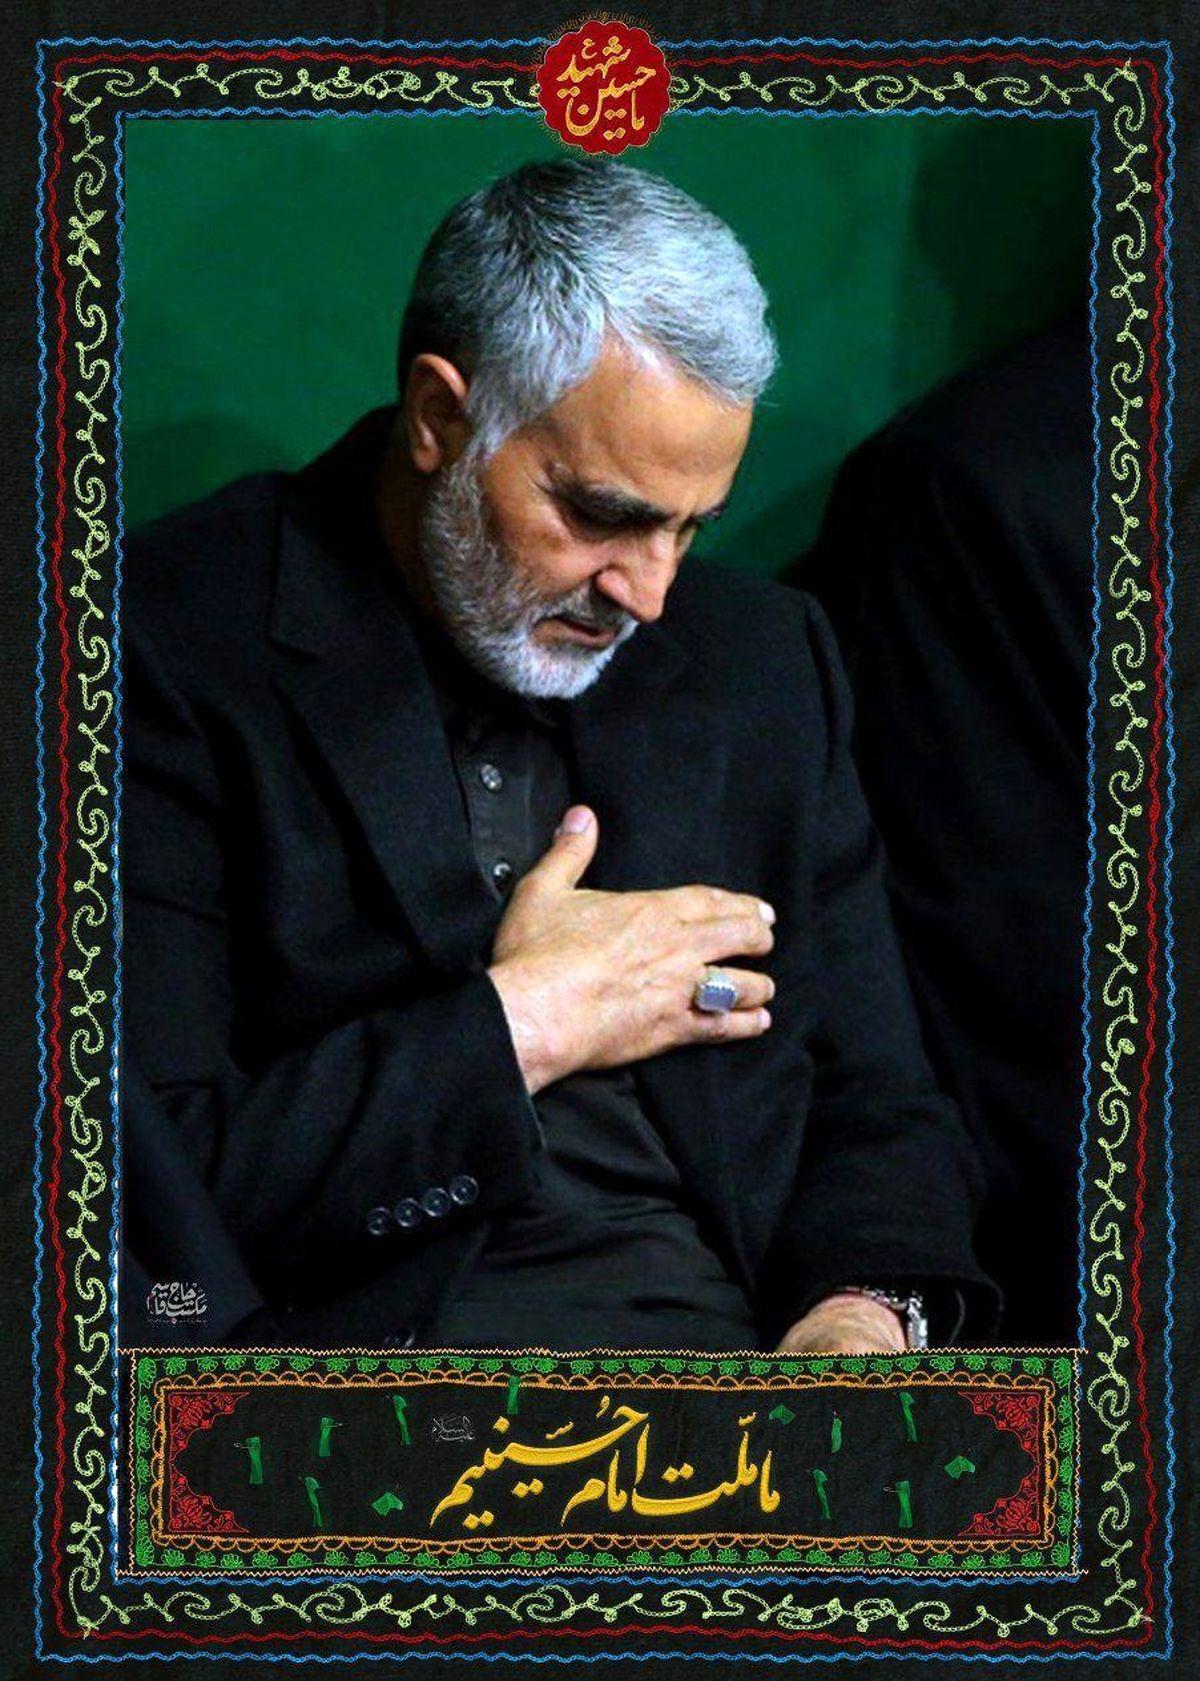 آخرین سلام حاج قاسم سلیمانی به امام حسین(ع)+  فیلم دیده نشده